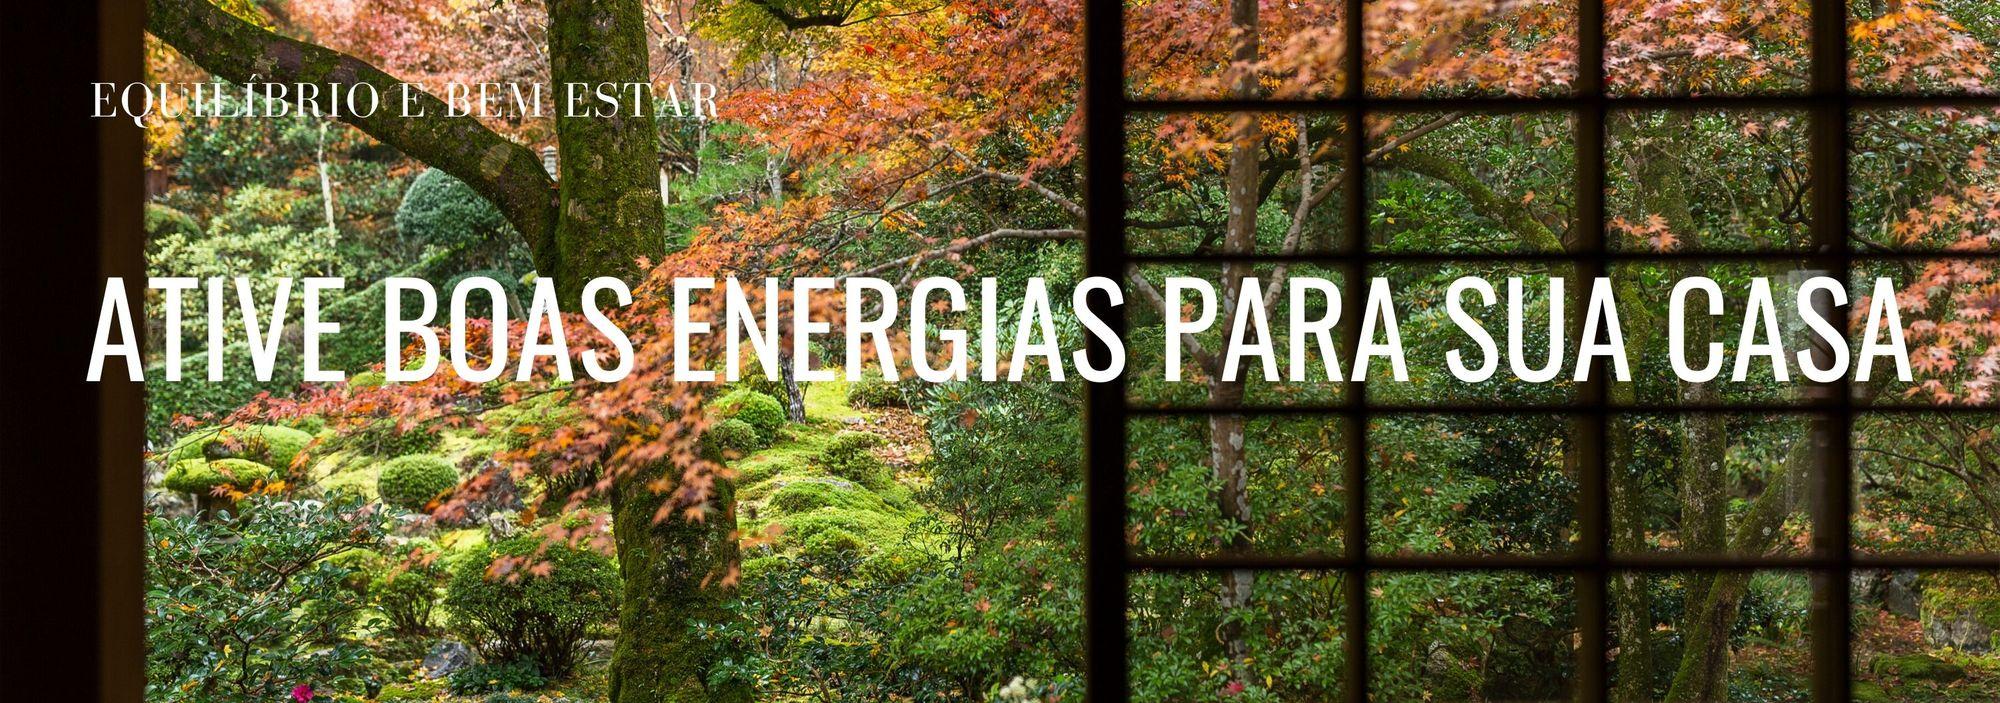 07 dicas para manter as boas energias em sua casa